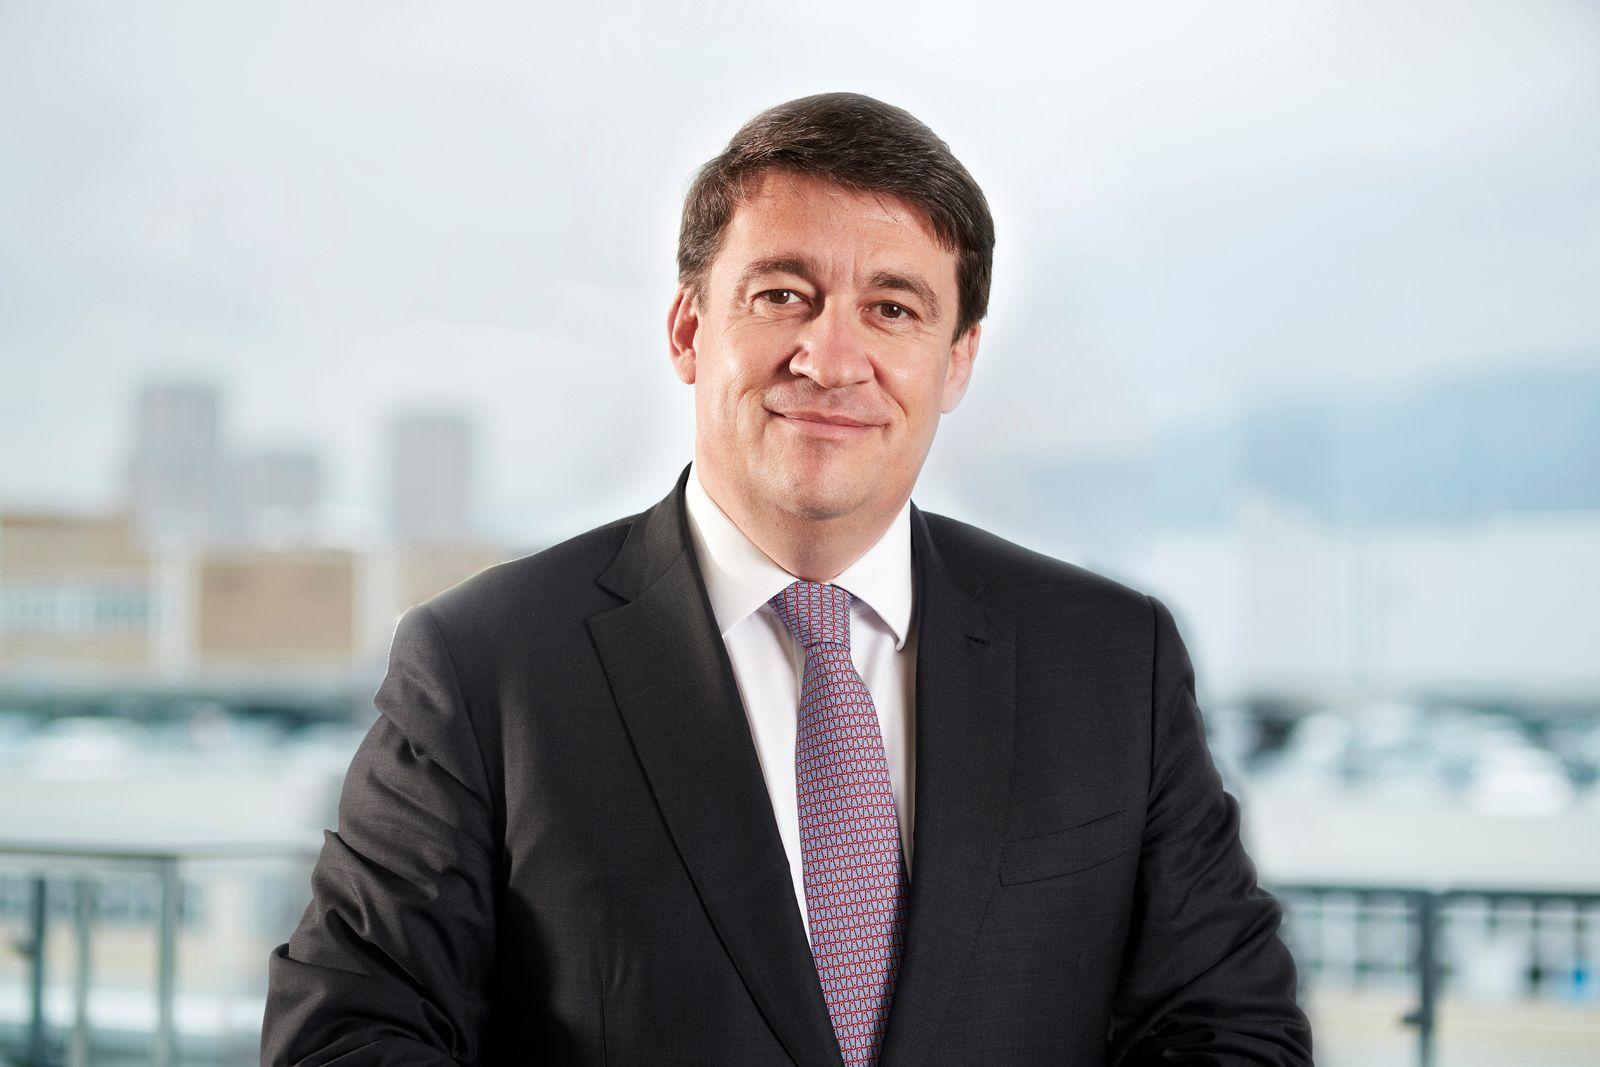 Pierre-Olivier Bouée